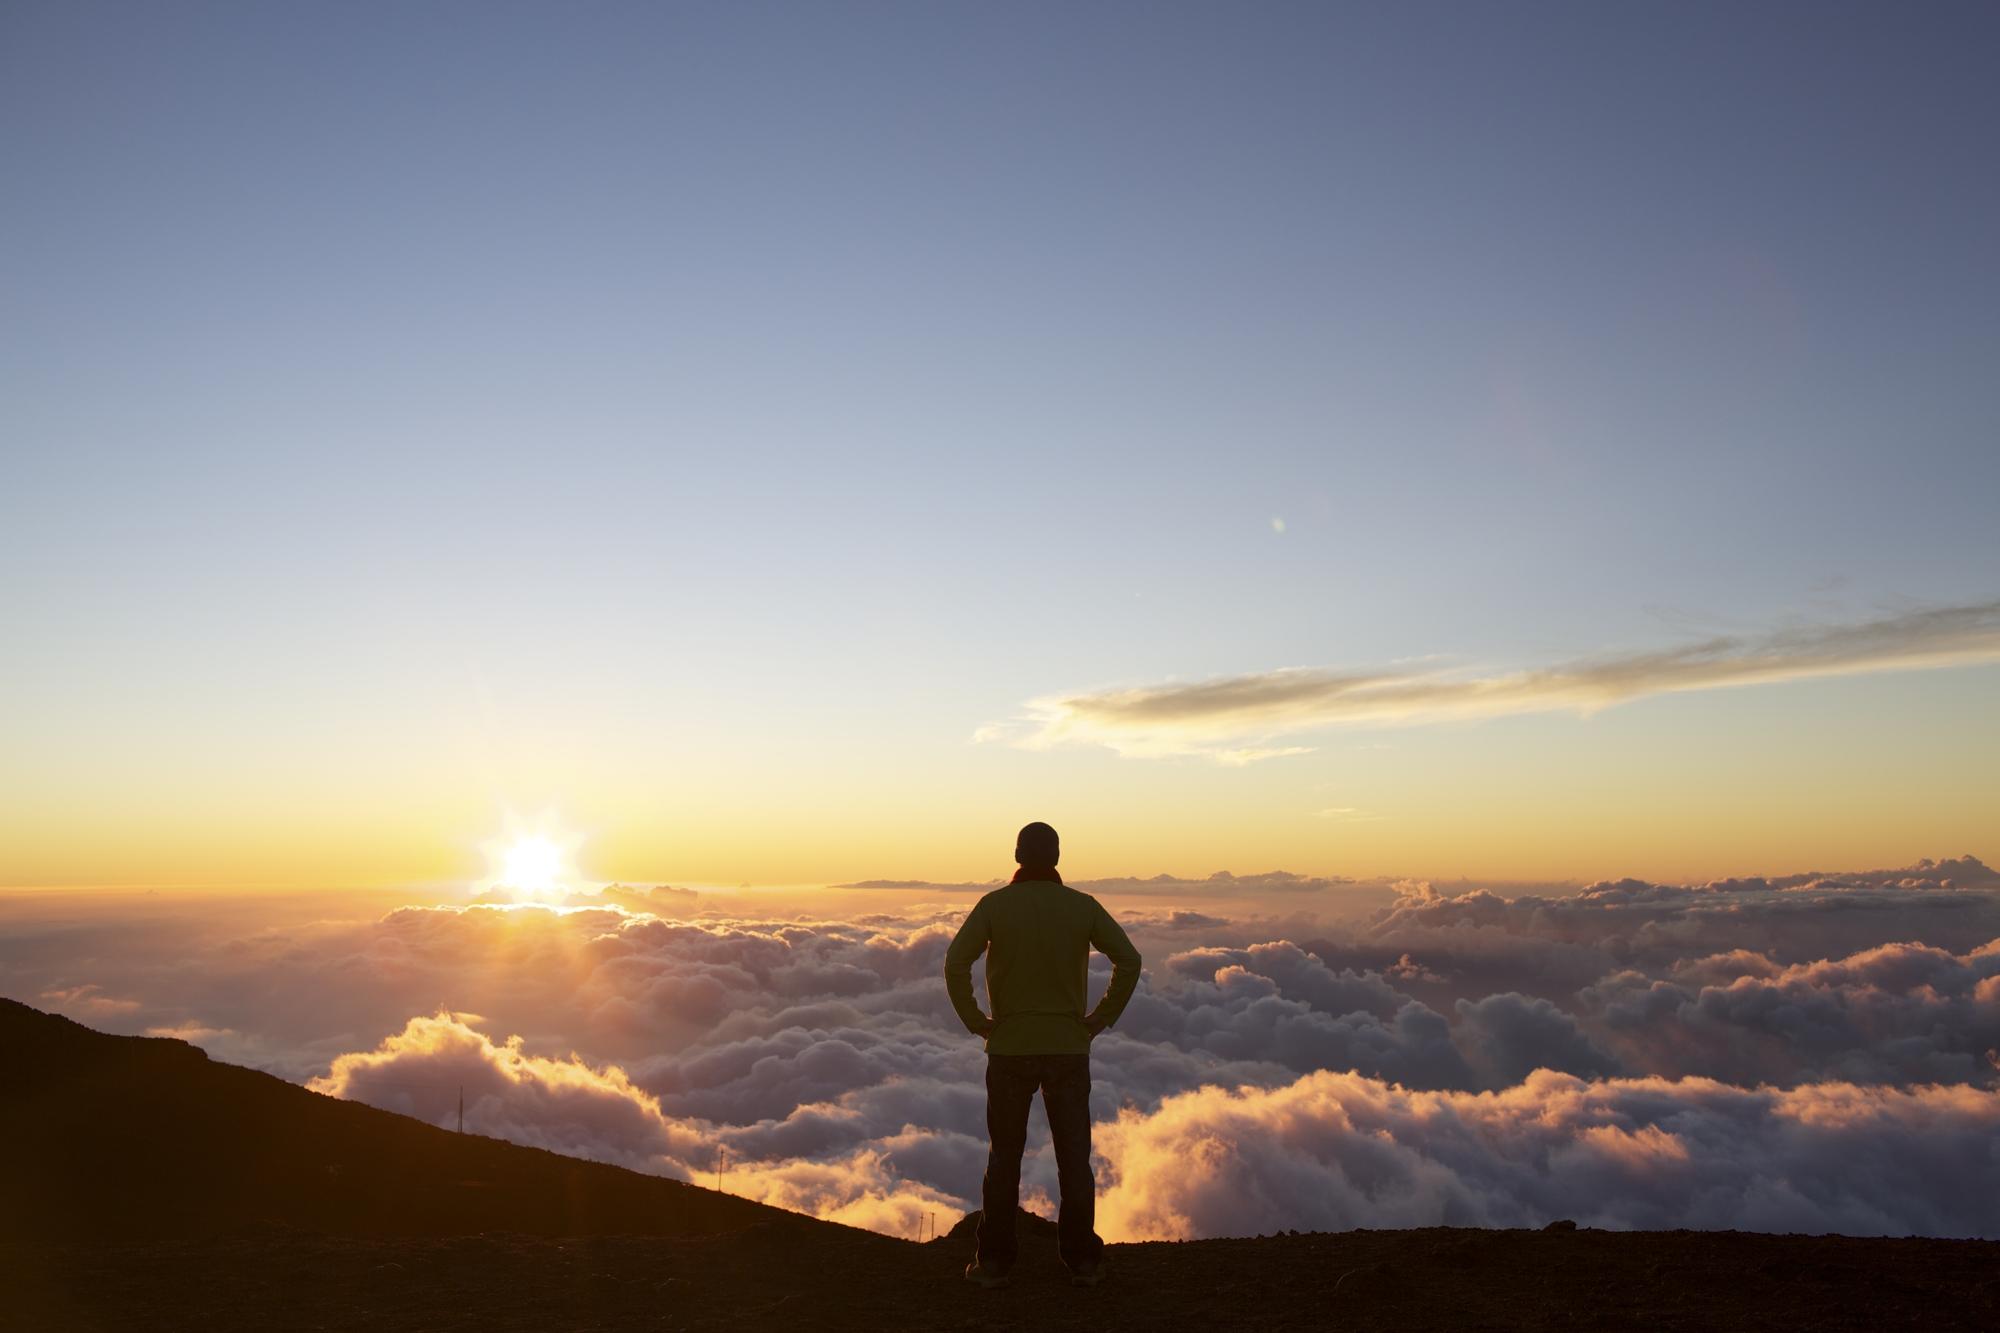 美國夏威夷茂宜島哈萊阿卡拉國家公園+哈萊阿卡拉火山口一日遊(觀日出)